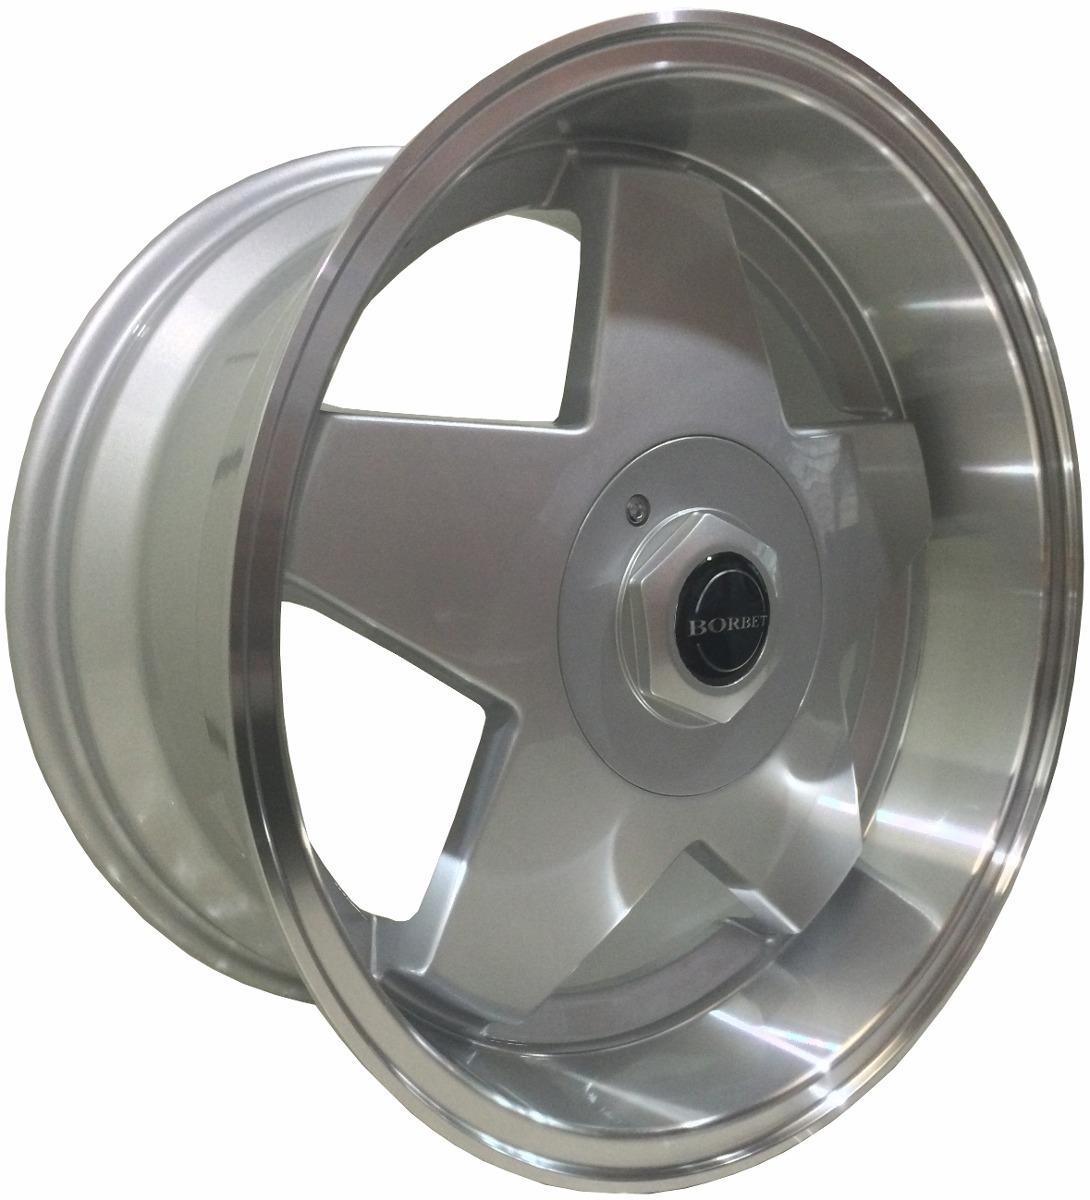 Roda Borbet Maxima aro 17x7x2 e 2x8,50 4x100/4x108 Jogo